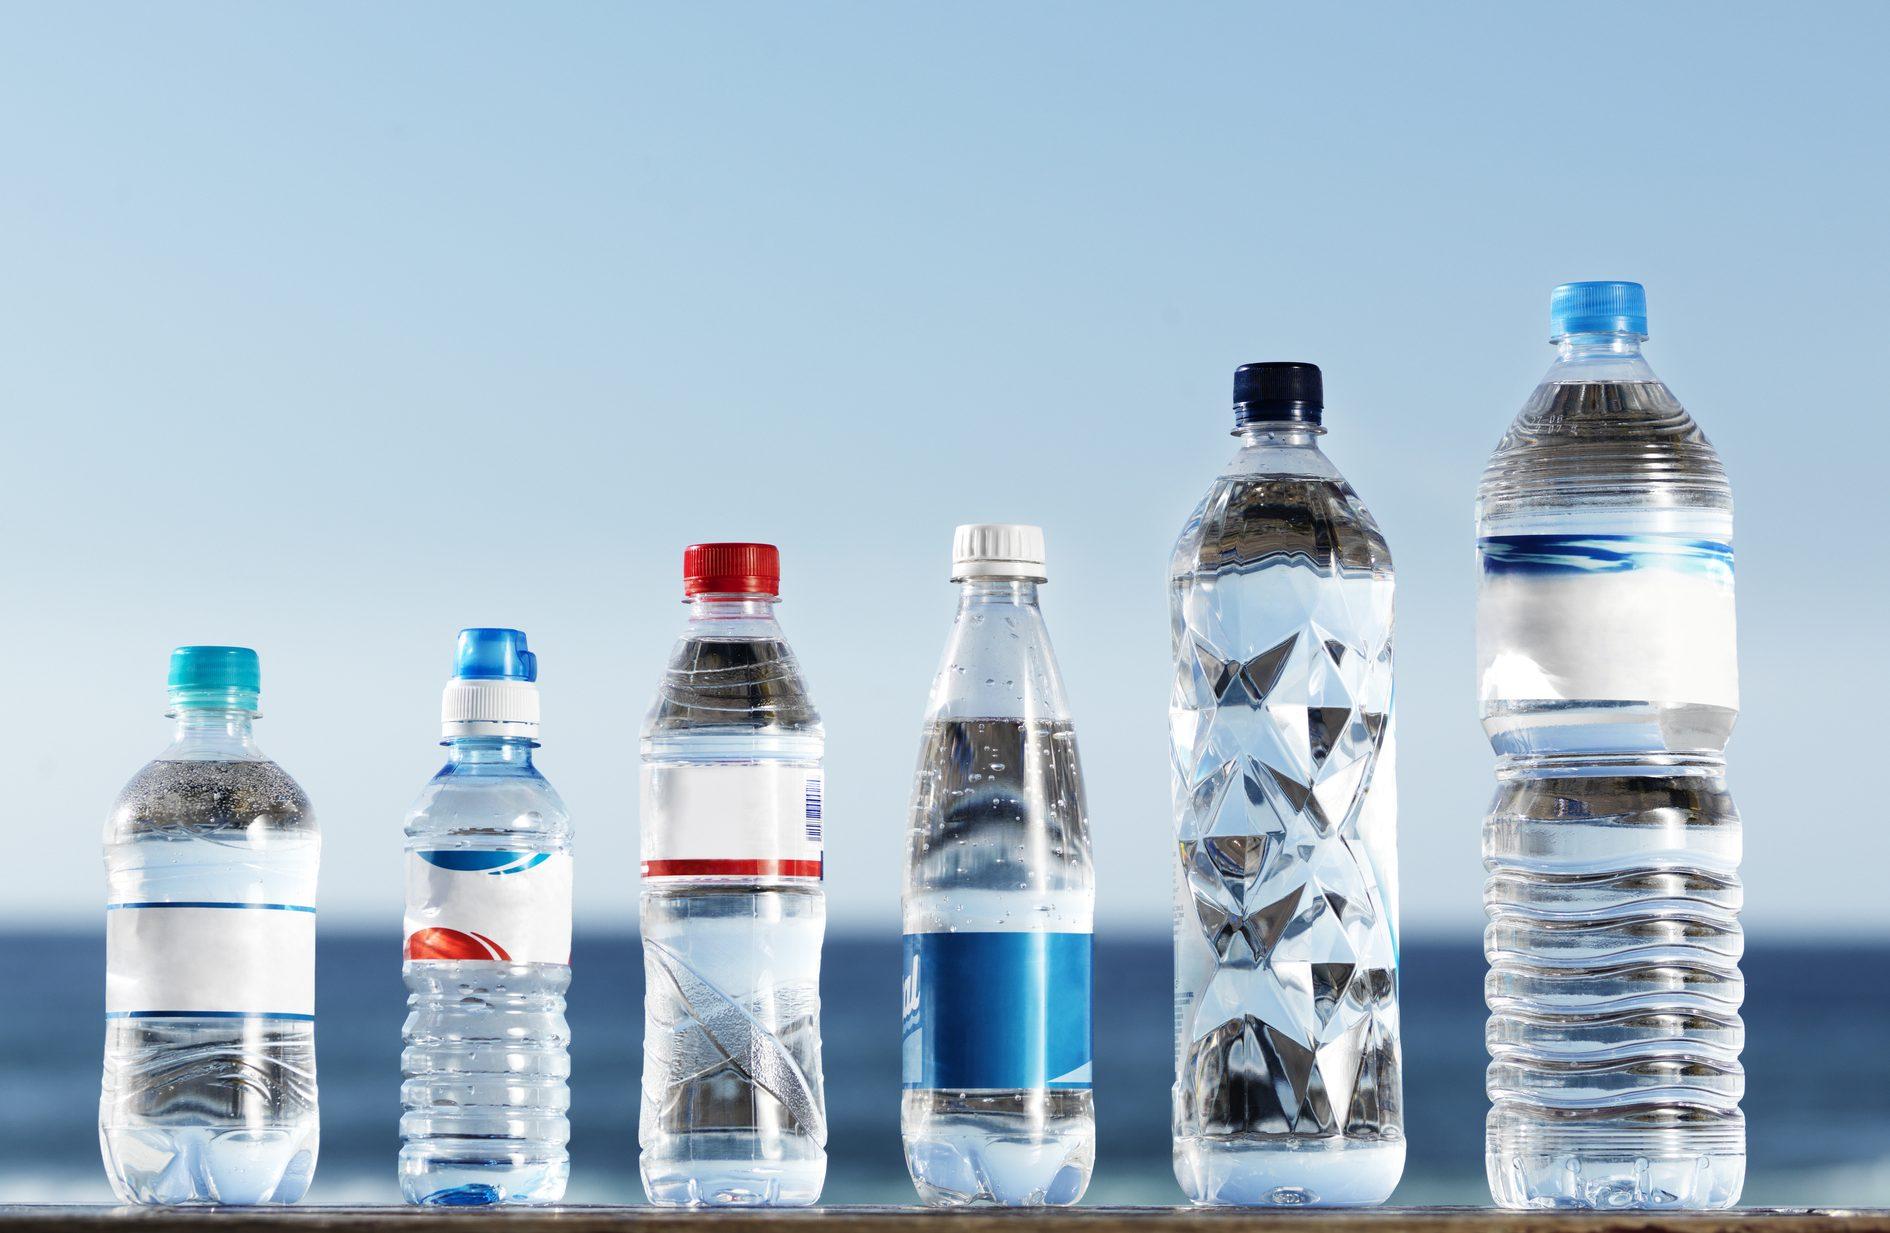 ペットボトルの小さいのから大きいいのまで6本並んでいる